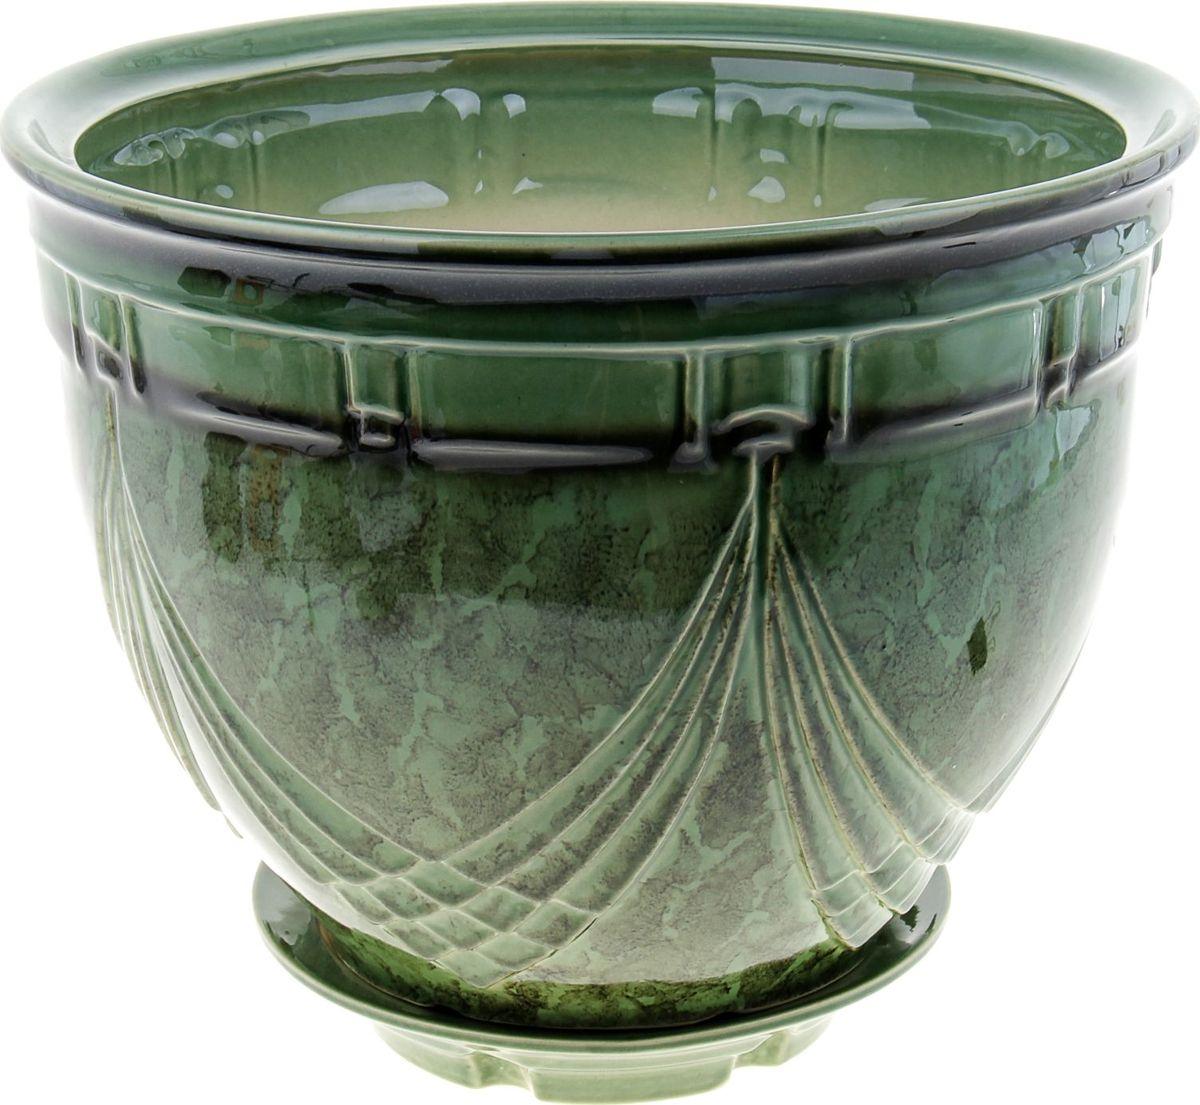 Кашпо Мирида, цвет: зеленый, 10 л838612Комнатные растения — всеобщие любимцы. Они радуют глаз, насыщают помещение кислородом и украшают пространство. Каждому из них необходим свой удобный и красивый дом. Кашпо из керамики прекрасно подходят для высадки растений: за счёт пластичности глины и разных способов обработки существует великое множество форм и дизайновпористый материал позволяет испаряться лишней влагевоздух, необходимый для дыхания корней, проникает сквозь керамические стенки! #name# позаботится о зелёном питомце, освежит интерьер и подчеркнёт его стиль.